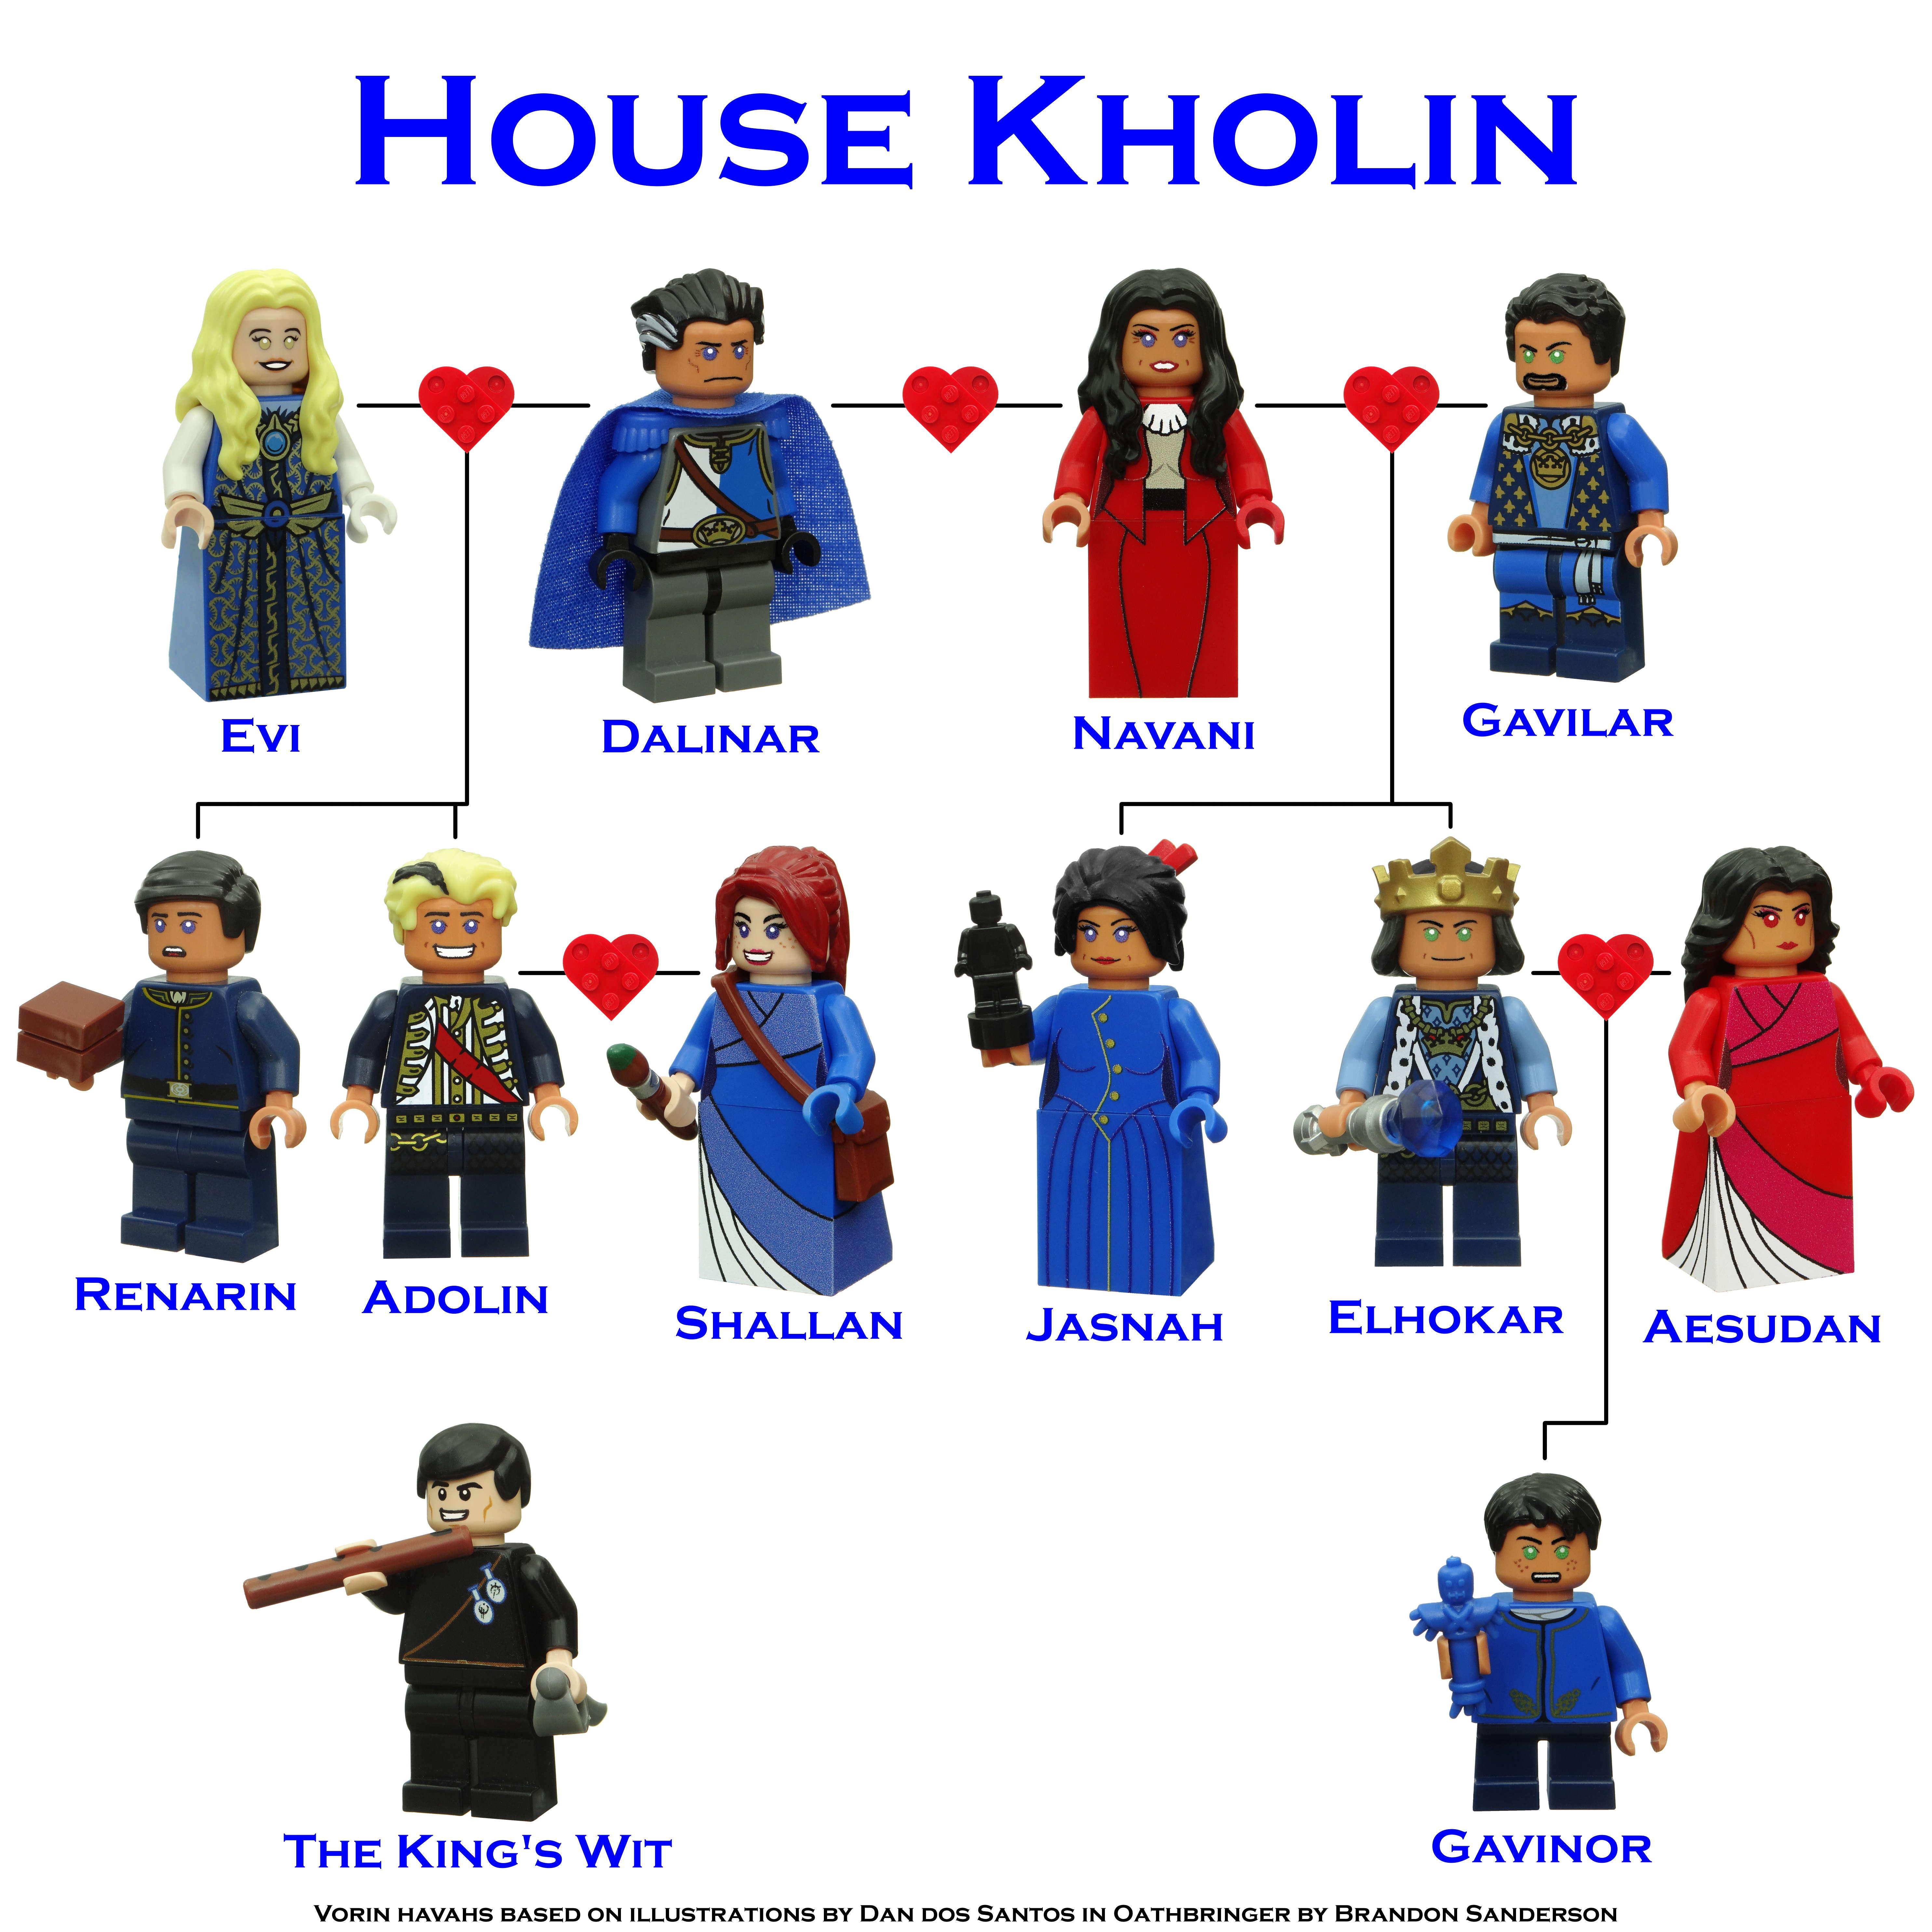 House Kholin